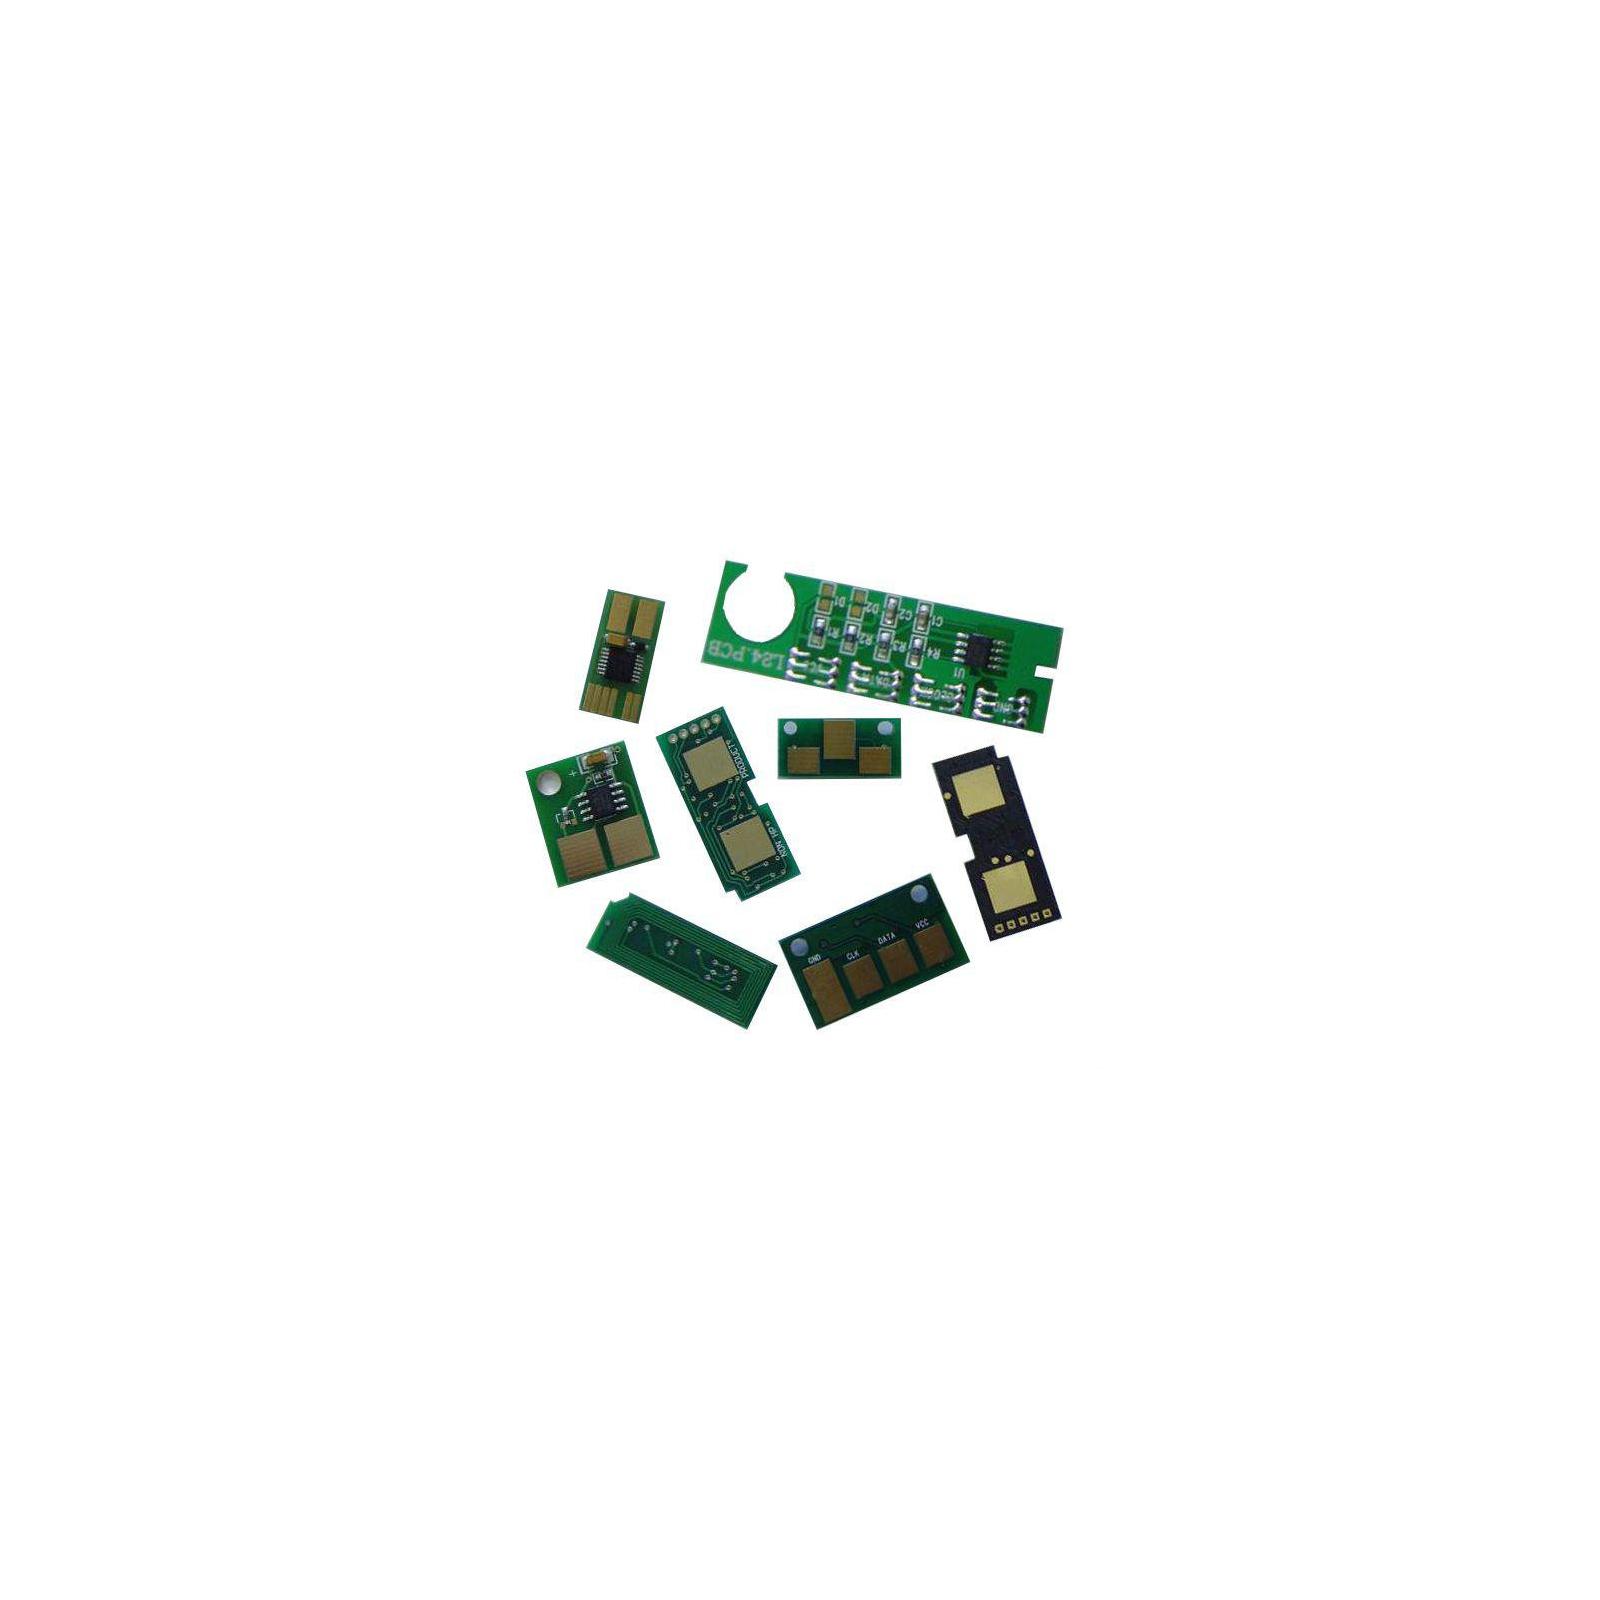 Чип для картриджа EPSON T7022 ДЛЯ WF-4015/4525 CYAN Apex (CHIP-EPS-T7022-C)